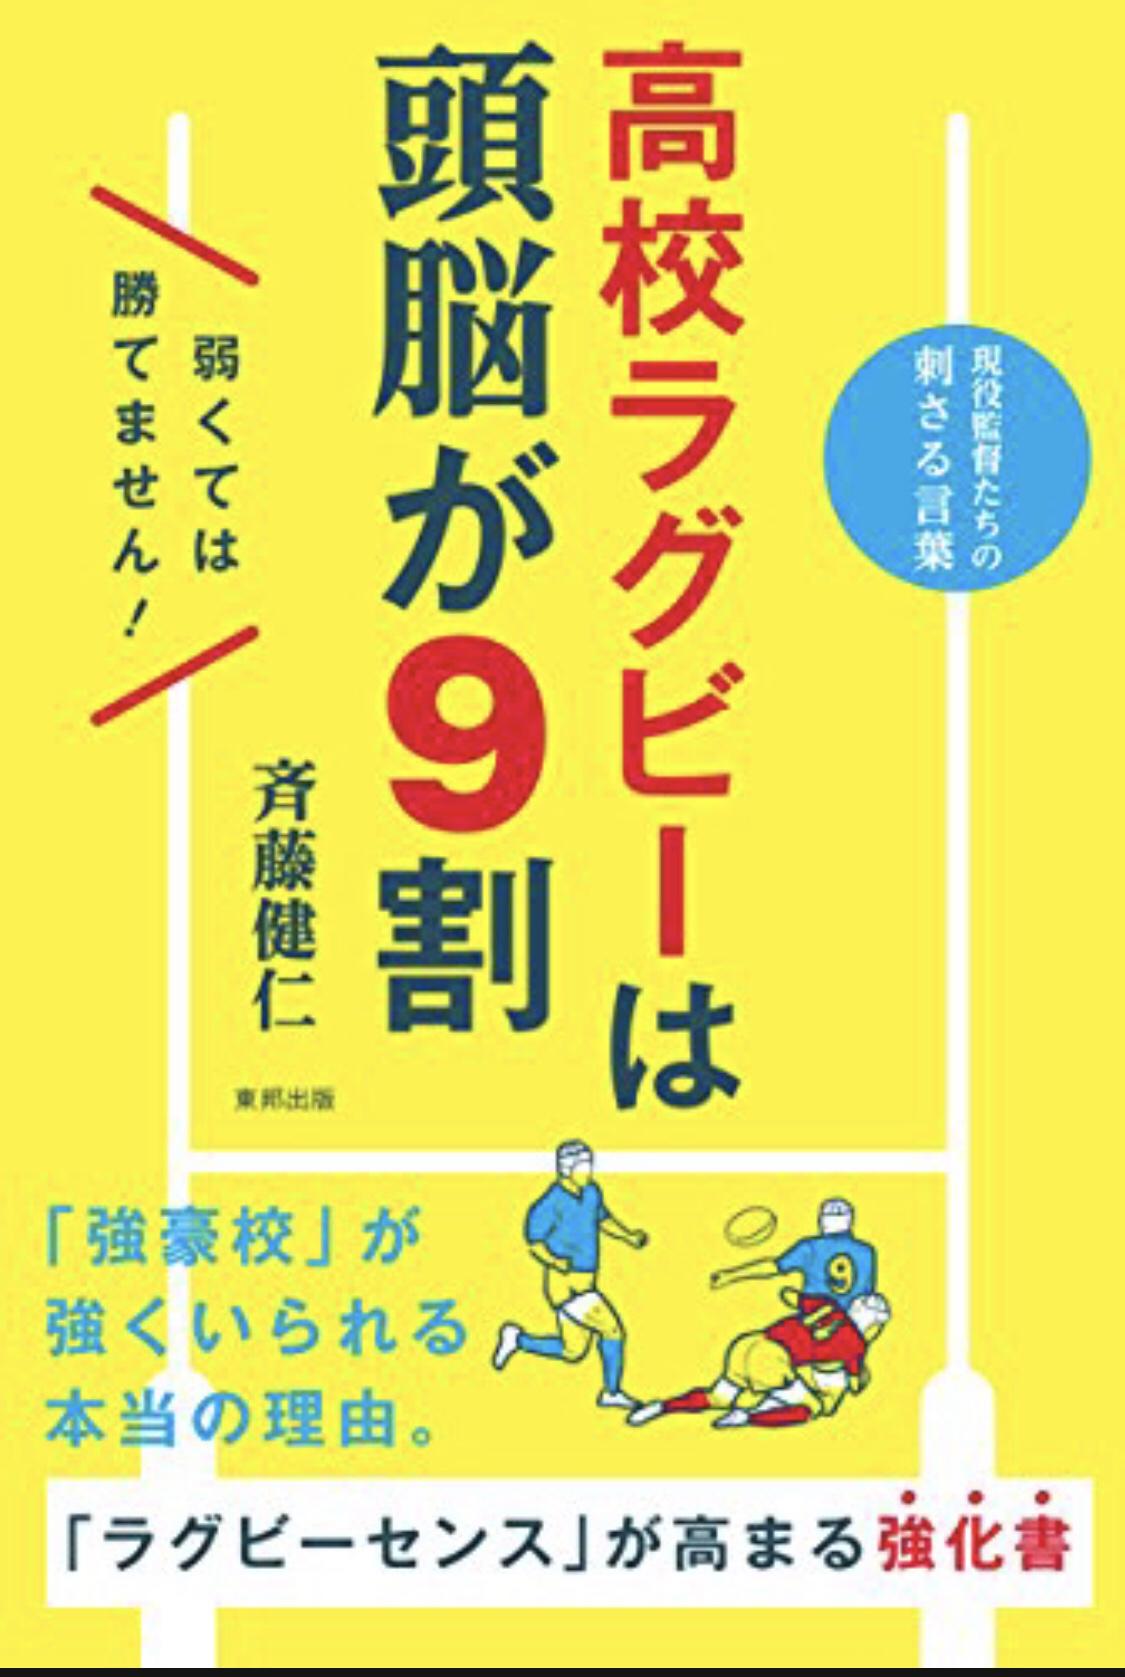 <書籍を知る>『高校ラグビーは頭脳が9割』斉藤健仁